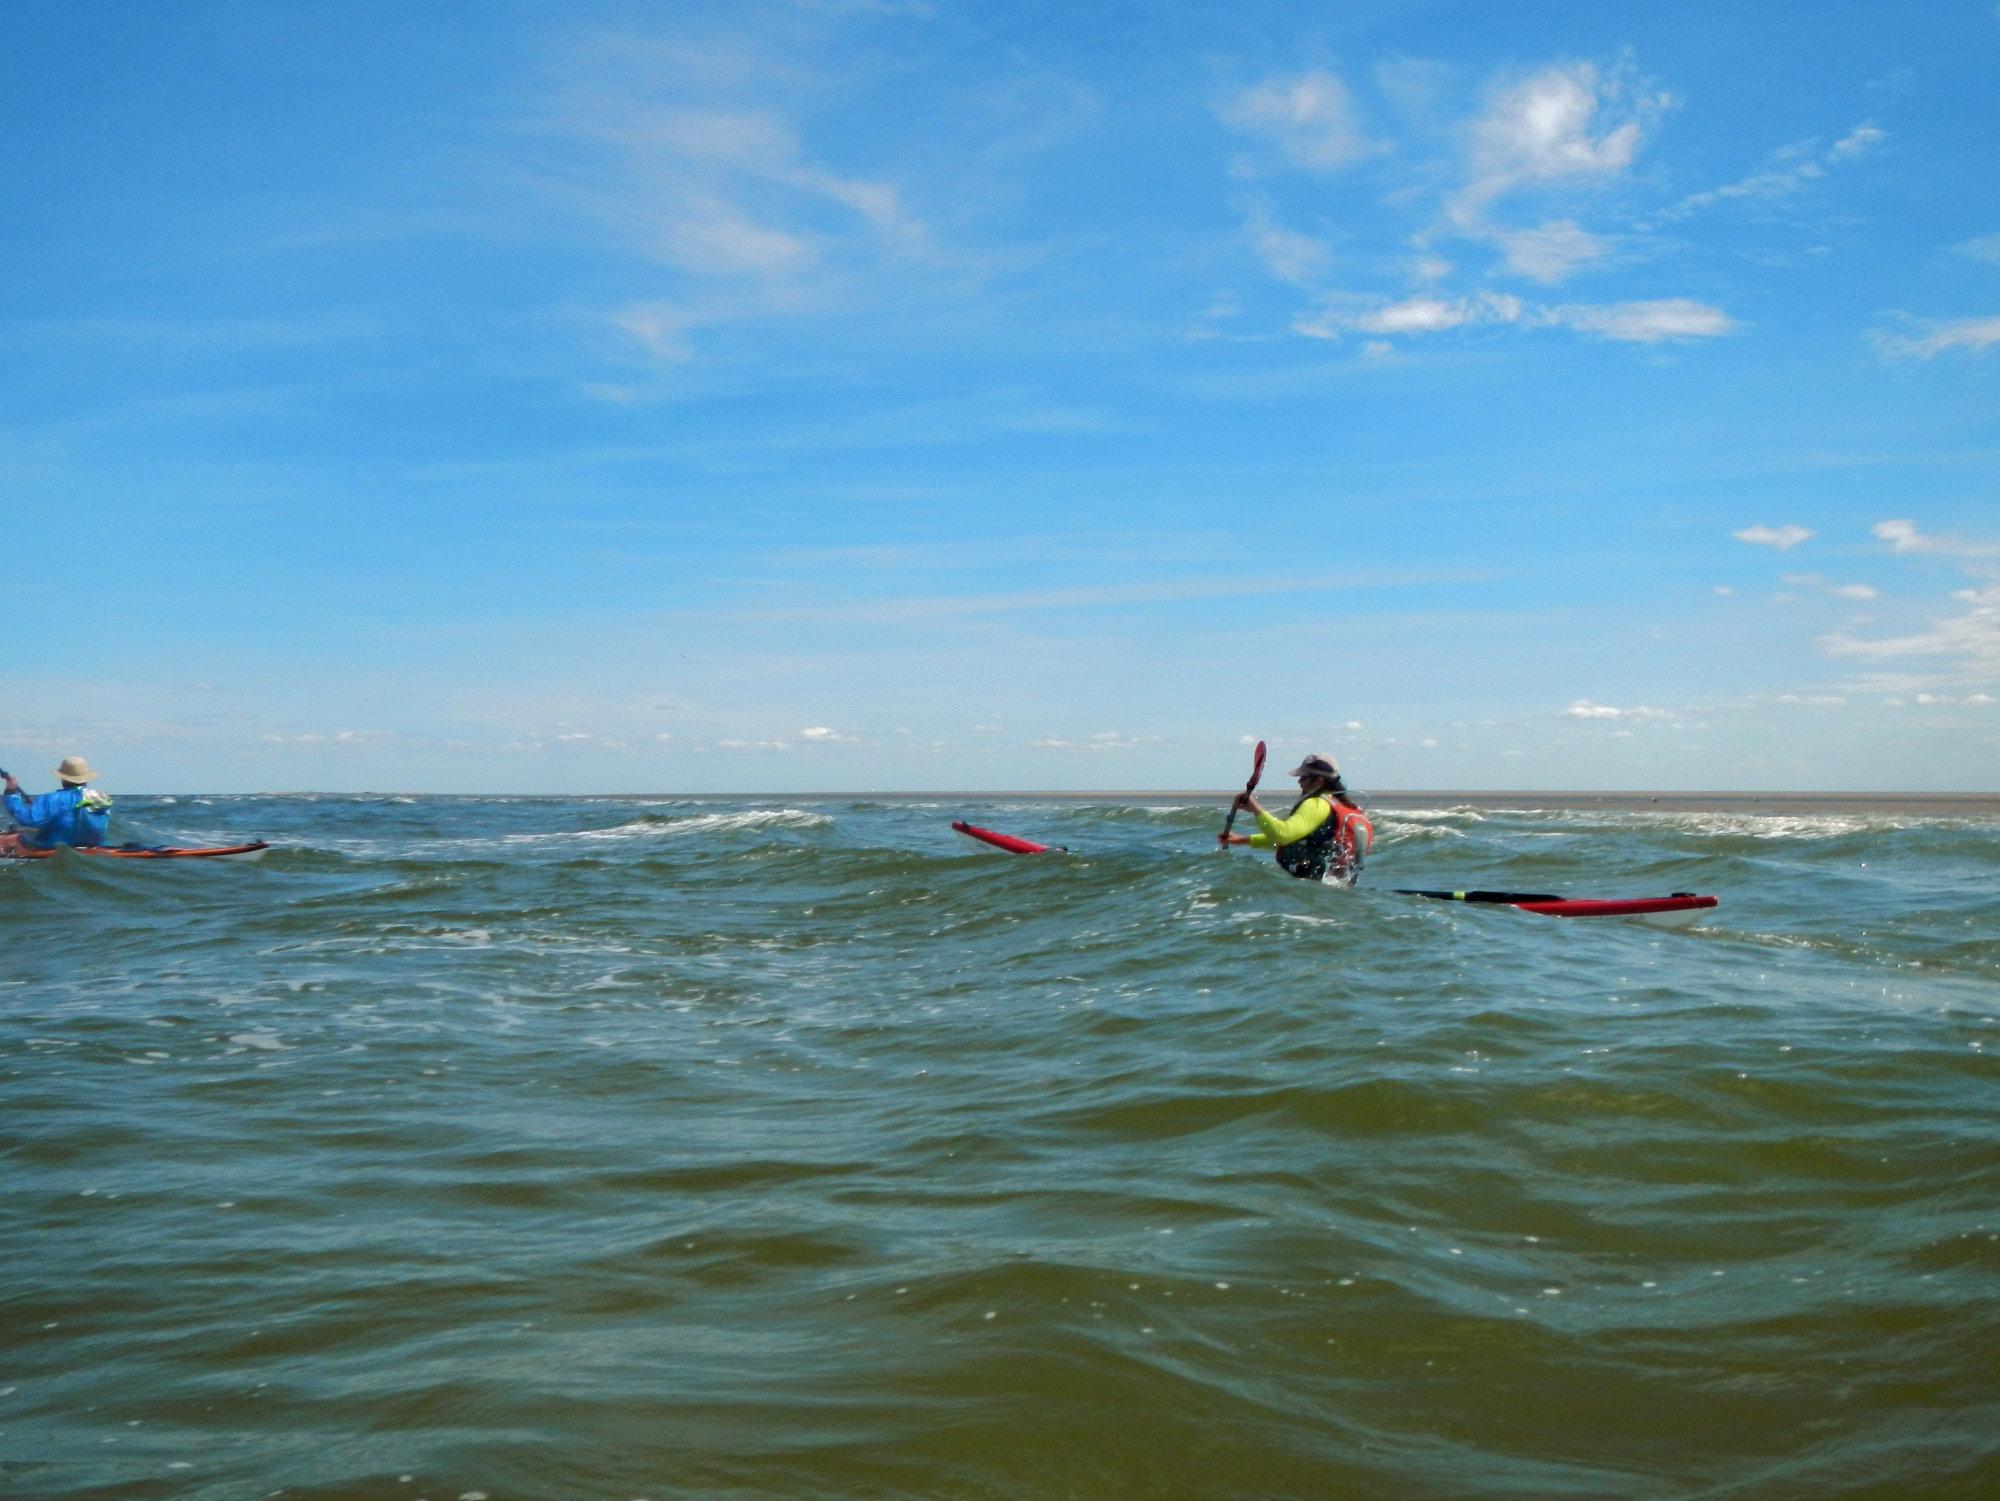 Nordseepaddeln mit Wind und Welle